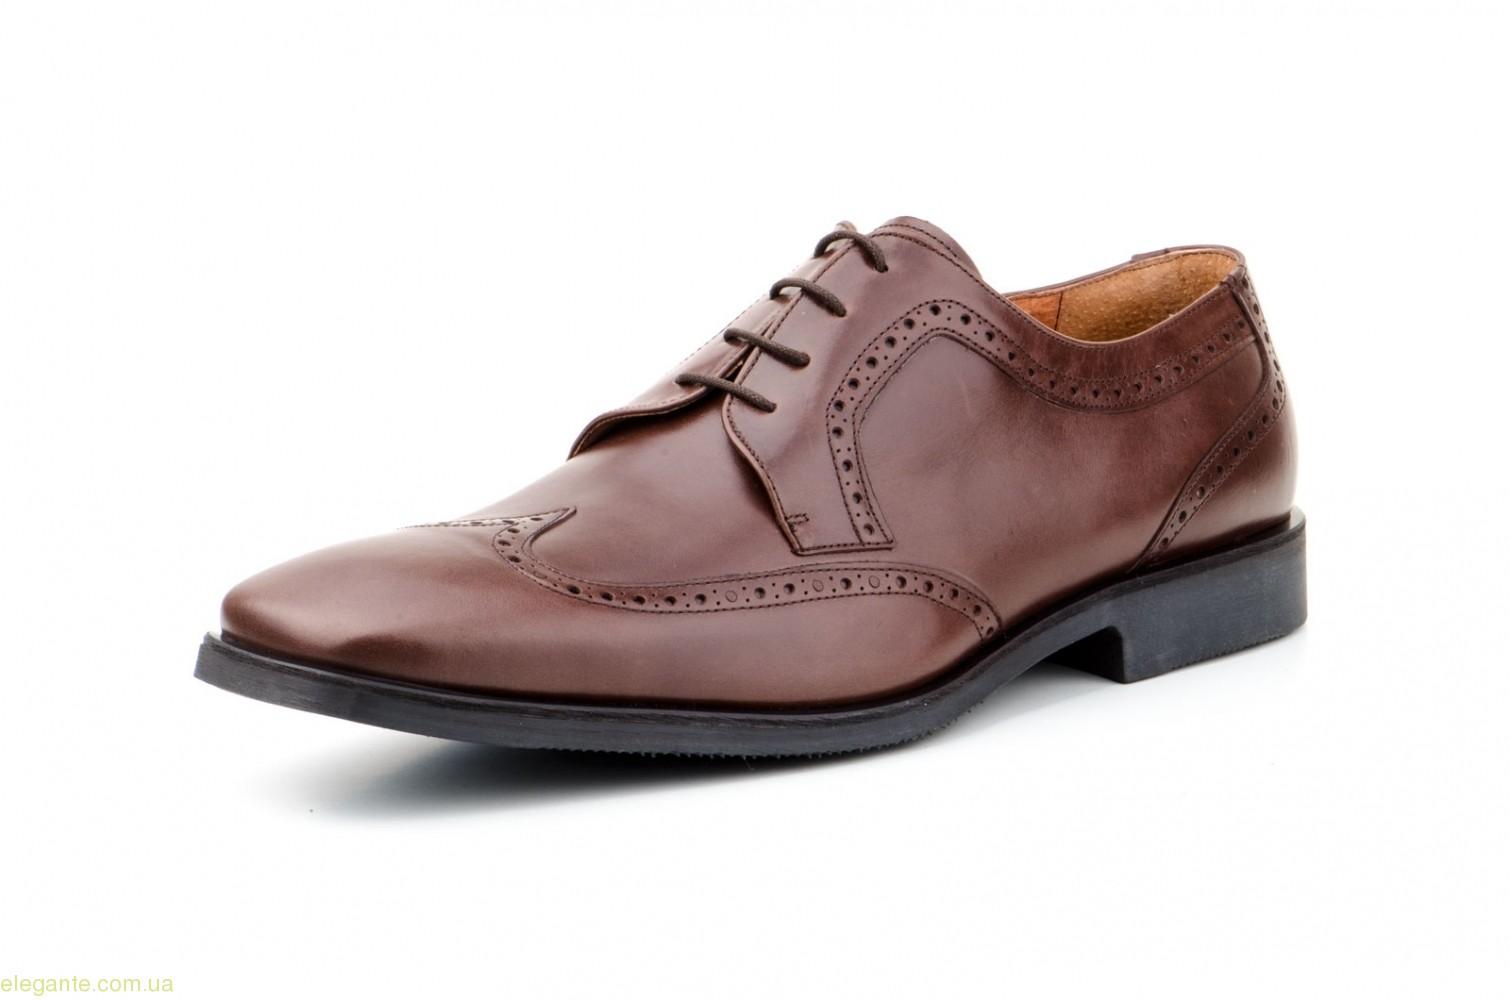 Мужские туфли дерби CARLO GARELLI xxl коричневые 0